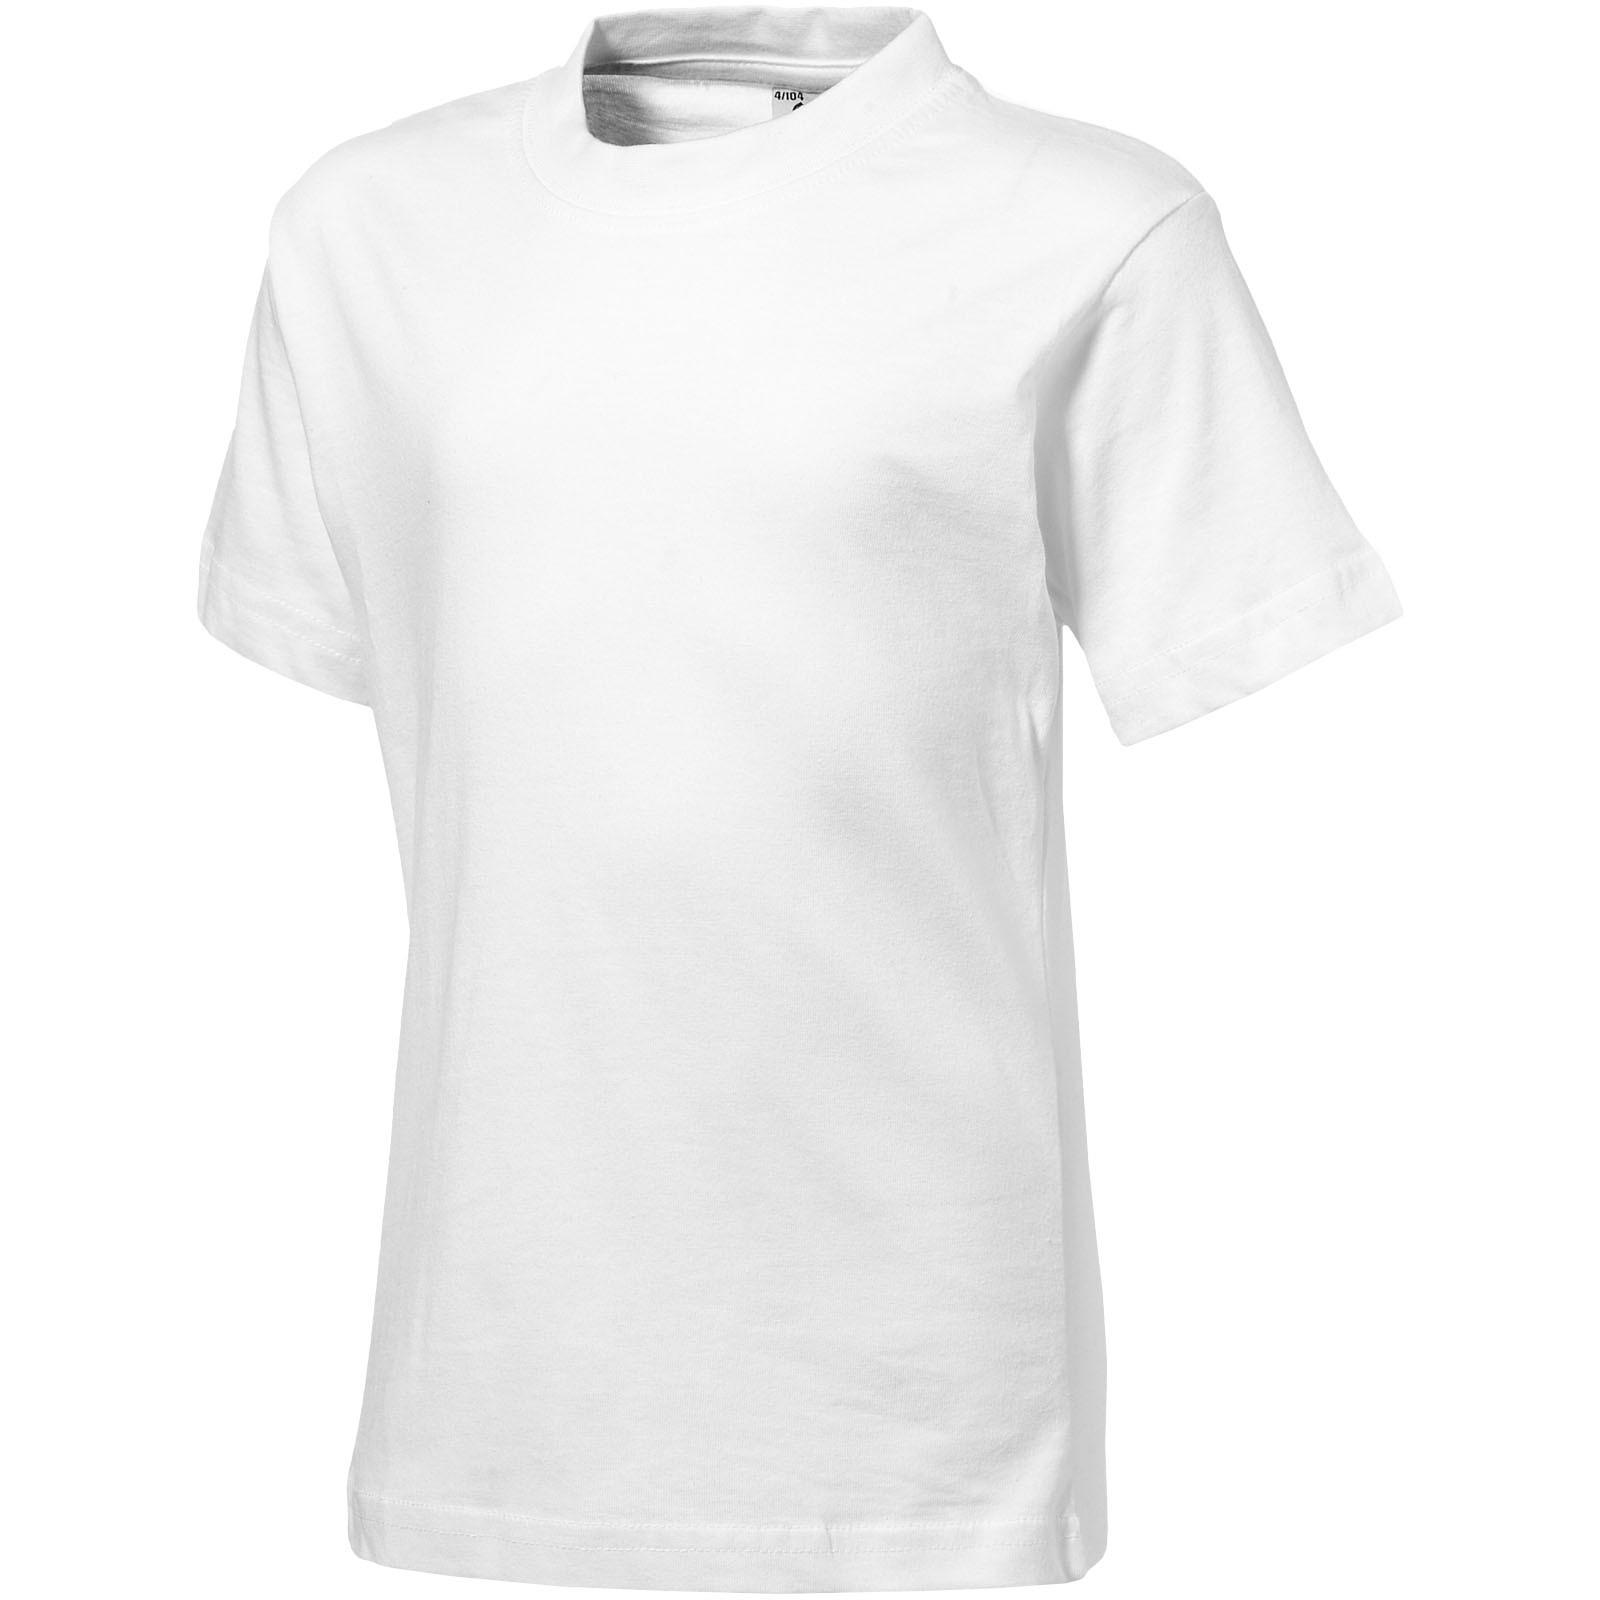 Dětské triko Ace s krátkým rukávem - Bílá / 128